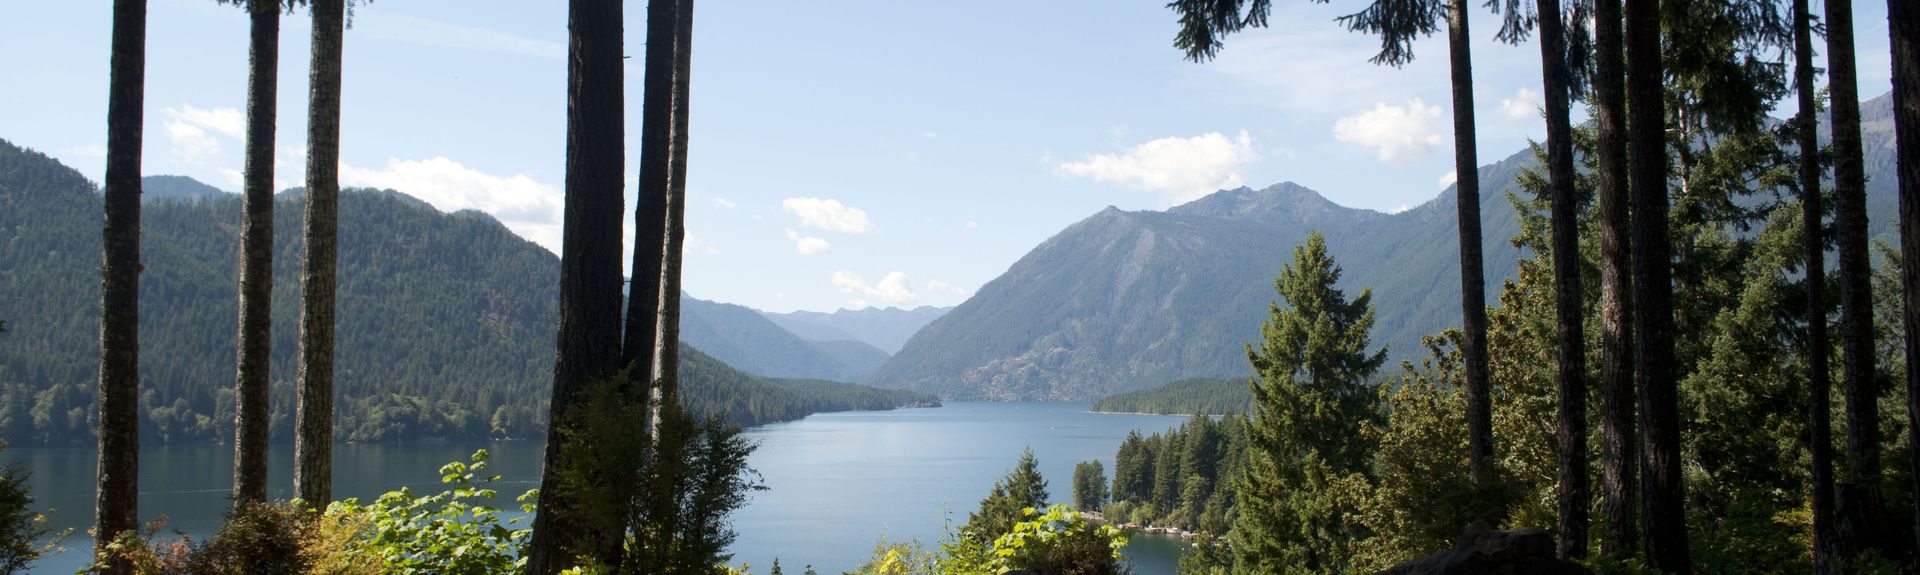 Lake Cushman, Washington, USA